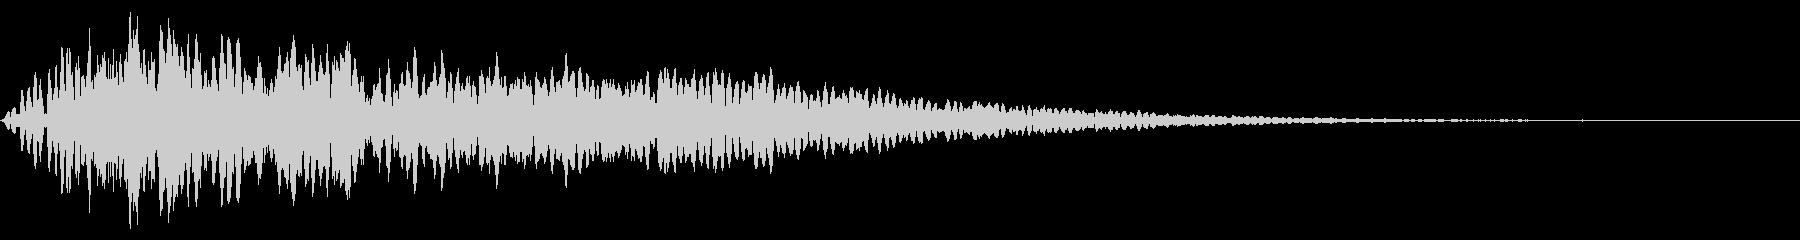 ホラー系アタック音62の未再生の波形